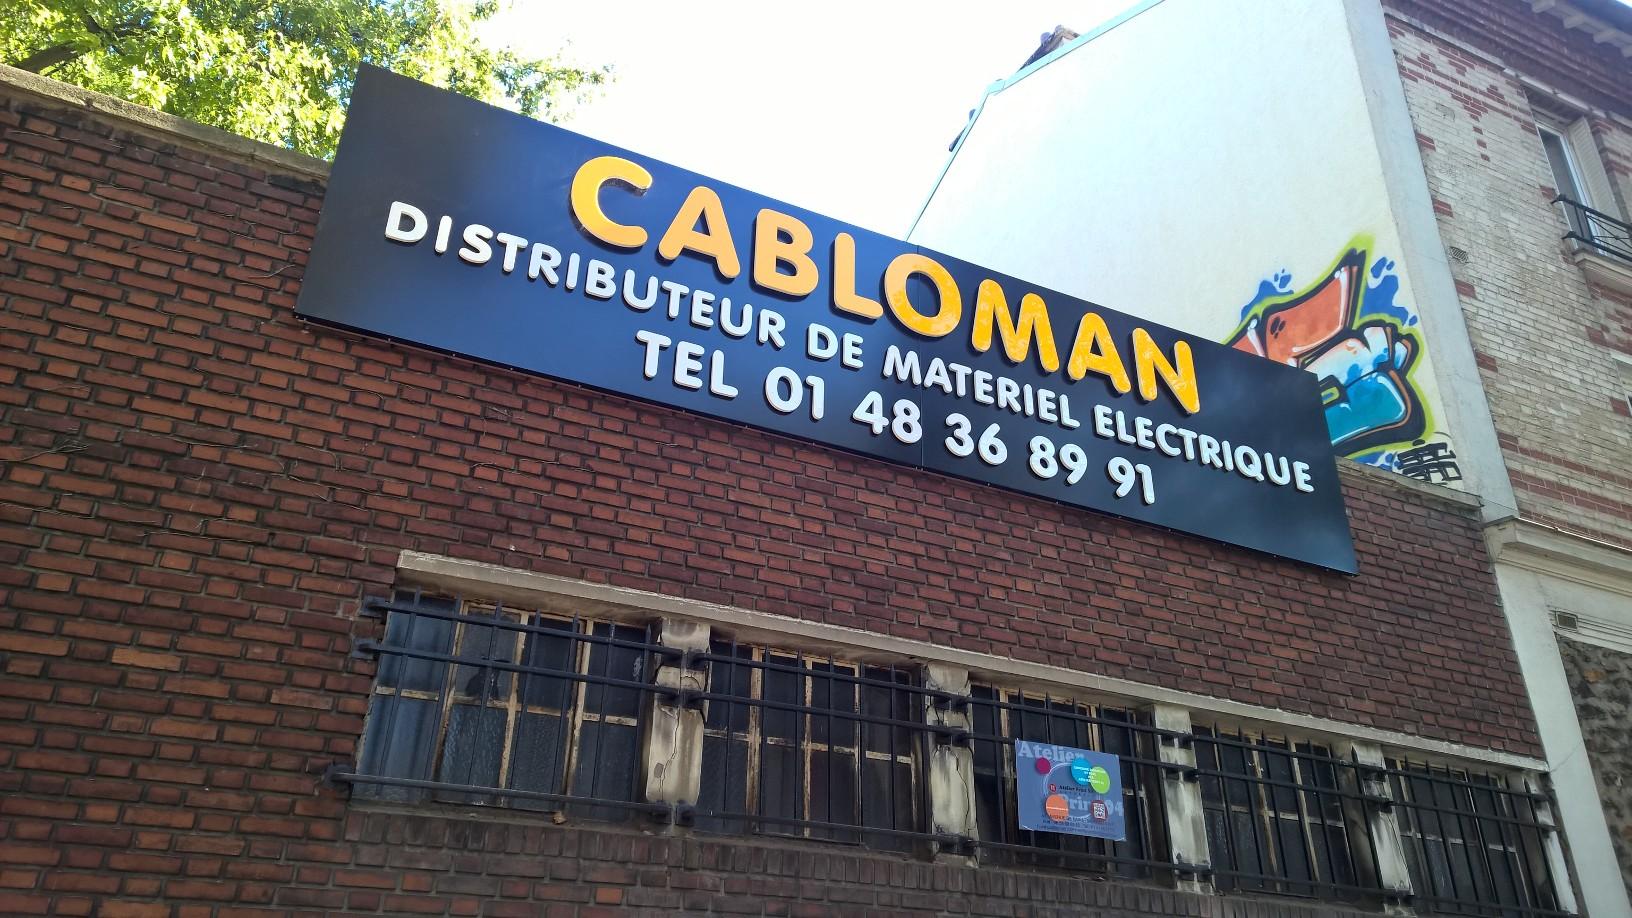 Cabloman